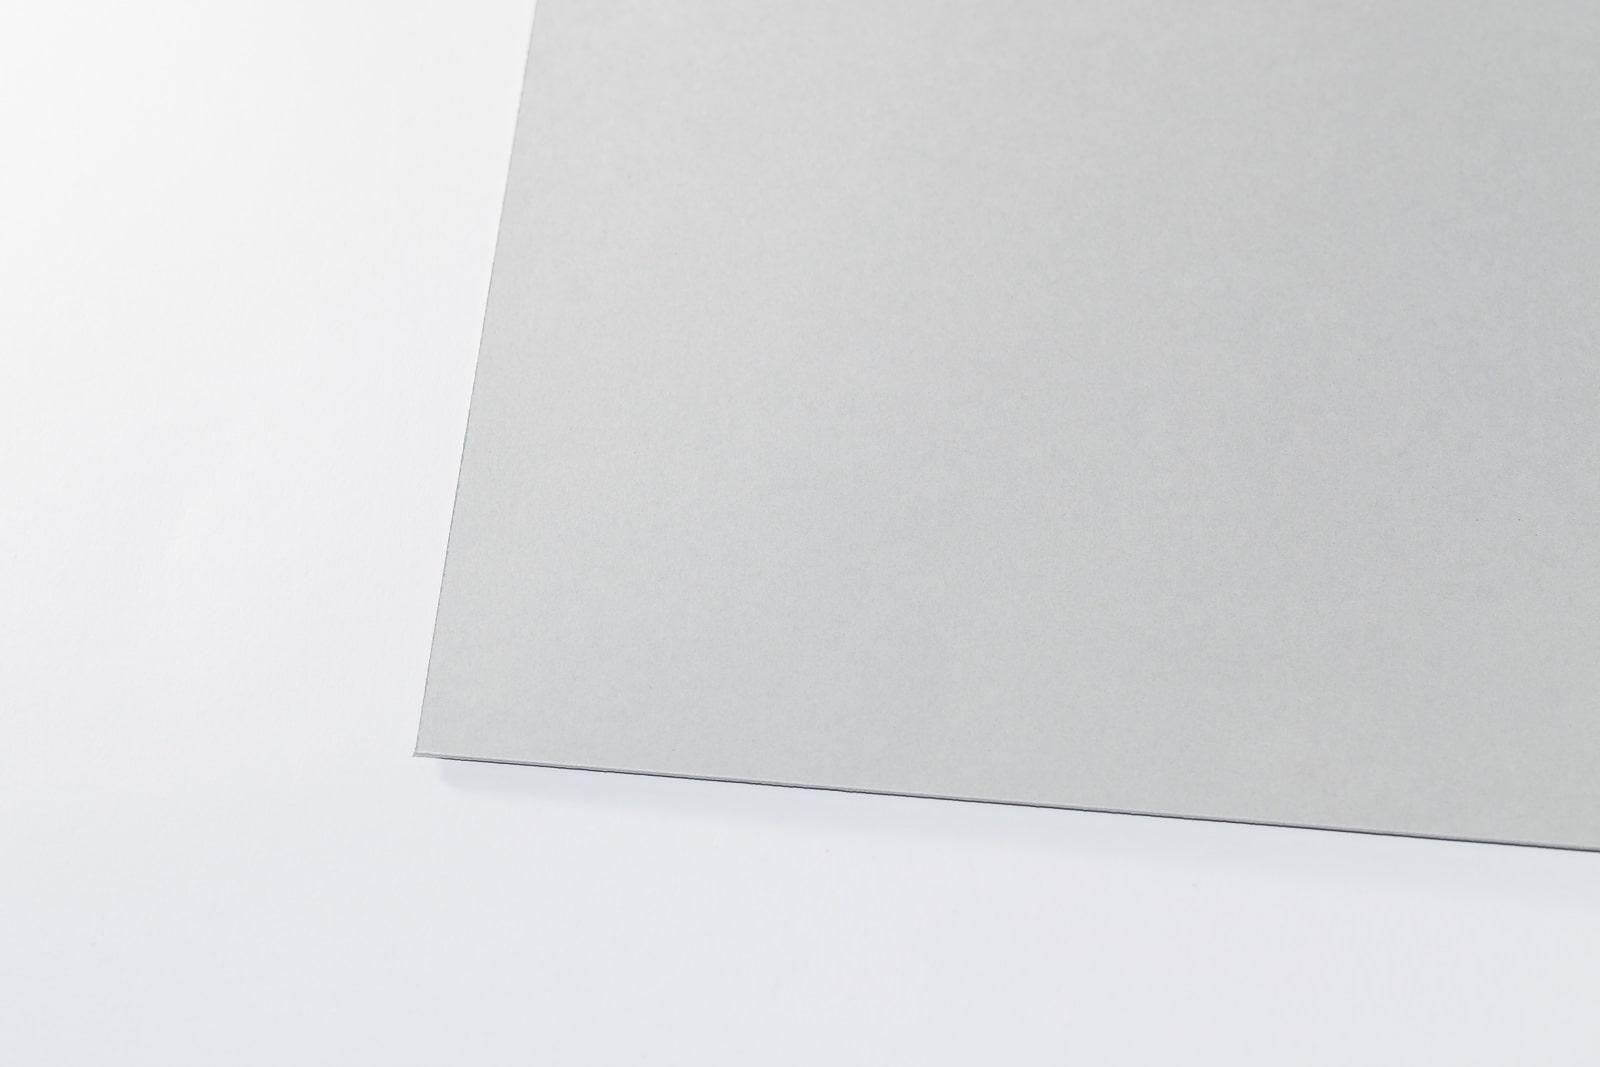 Eine Aufnahme unseres Archiv-Karton grau in einer Stärke